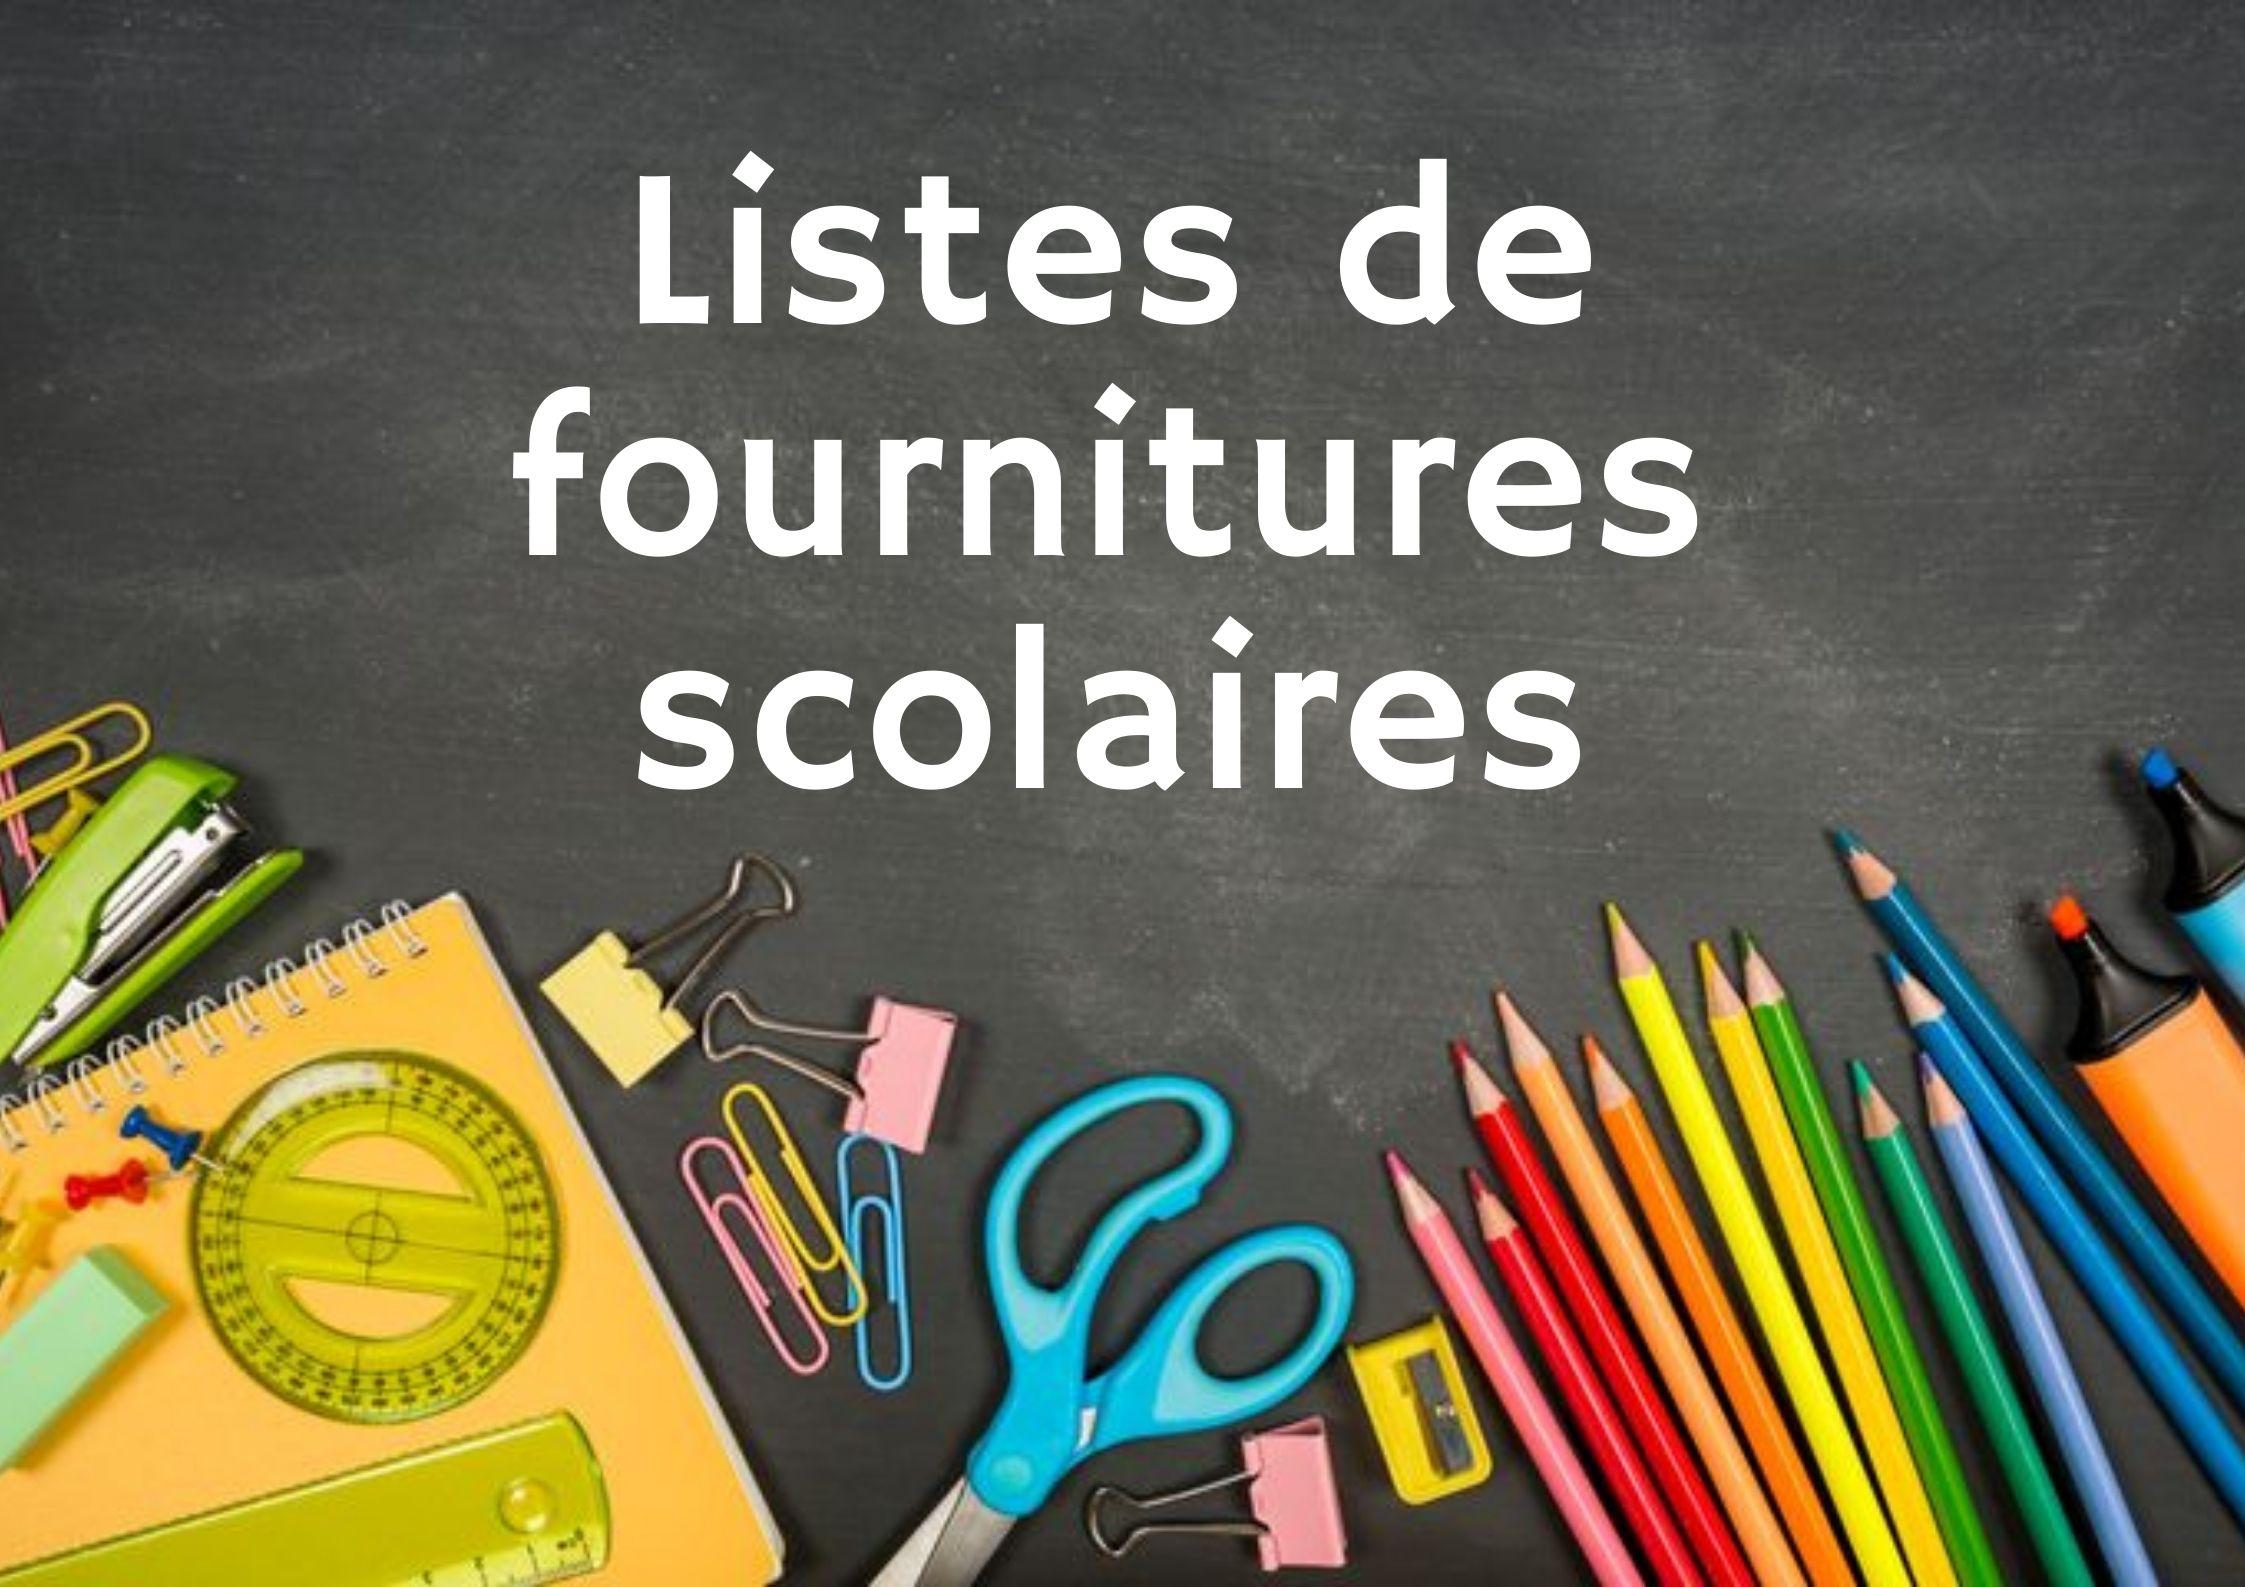 Listes de fournitures scolaires